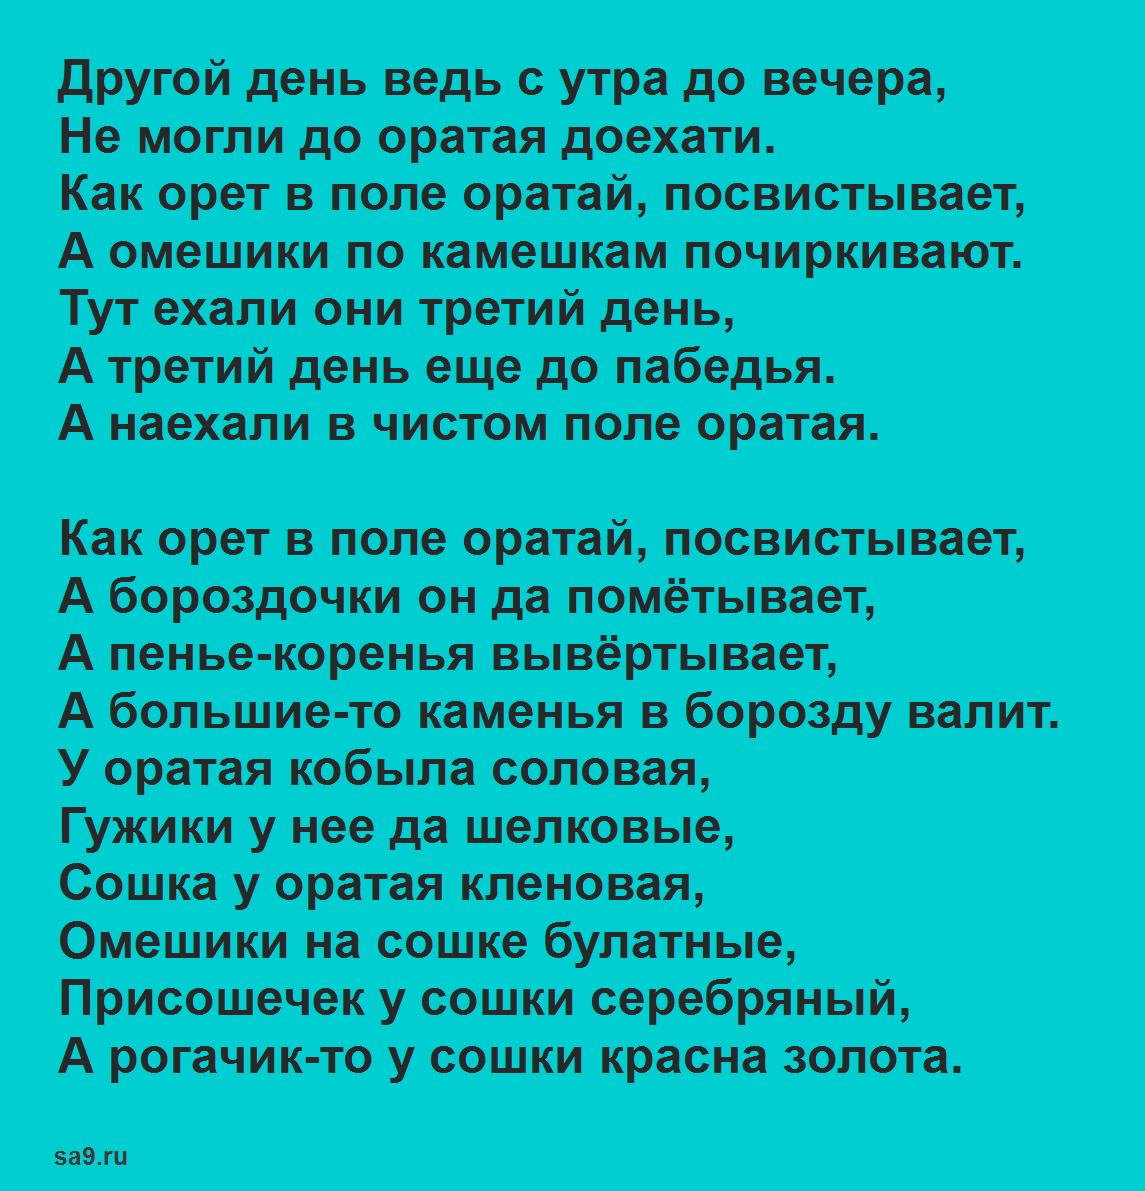 Читать былину - Вольга и Микула Селянинович